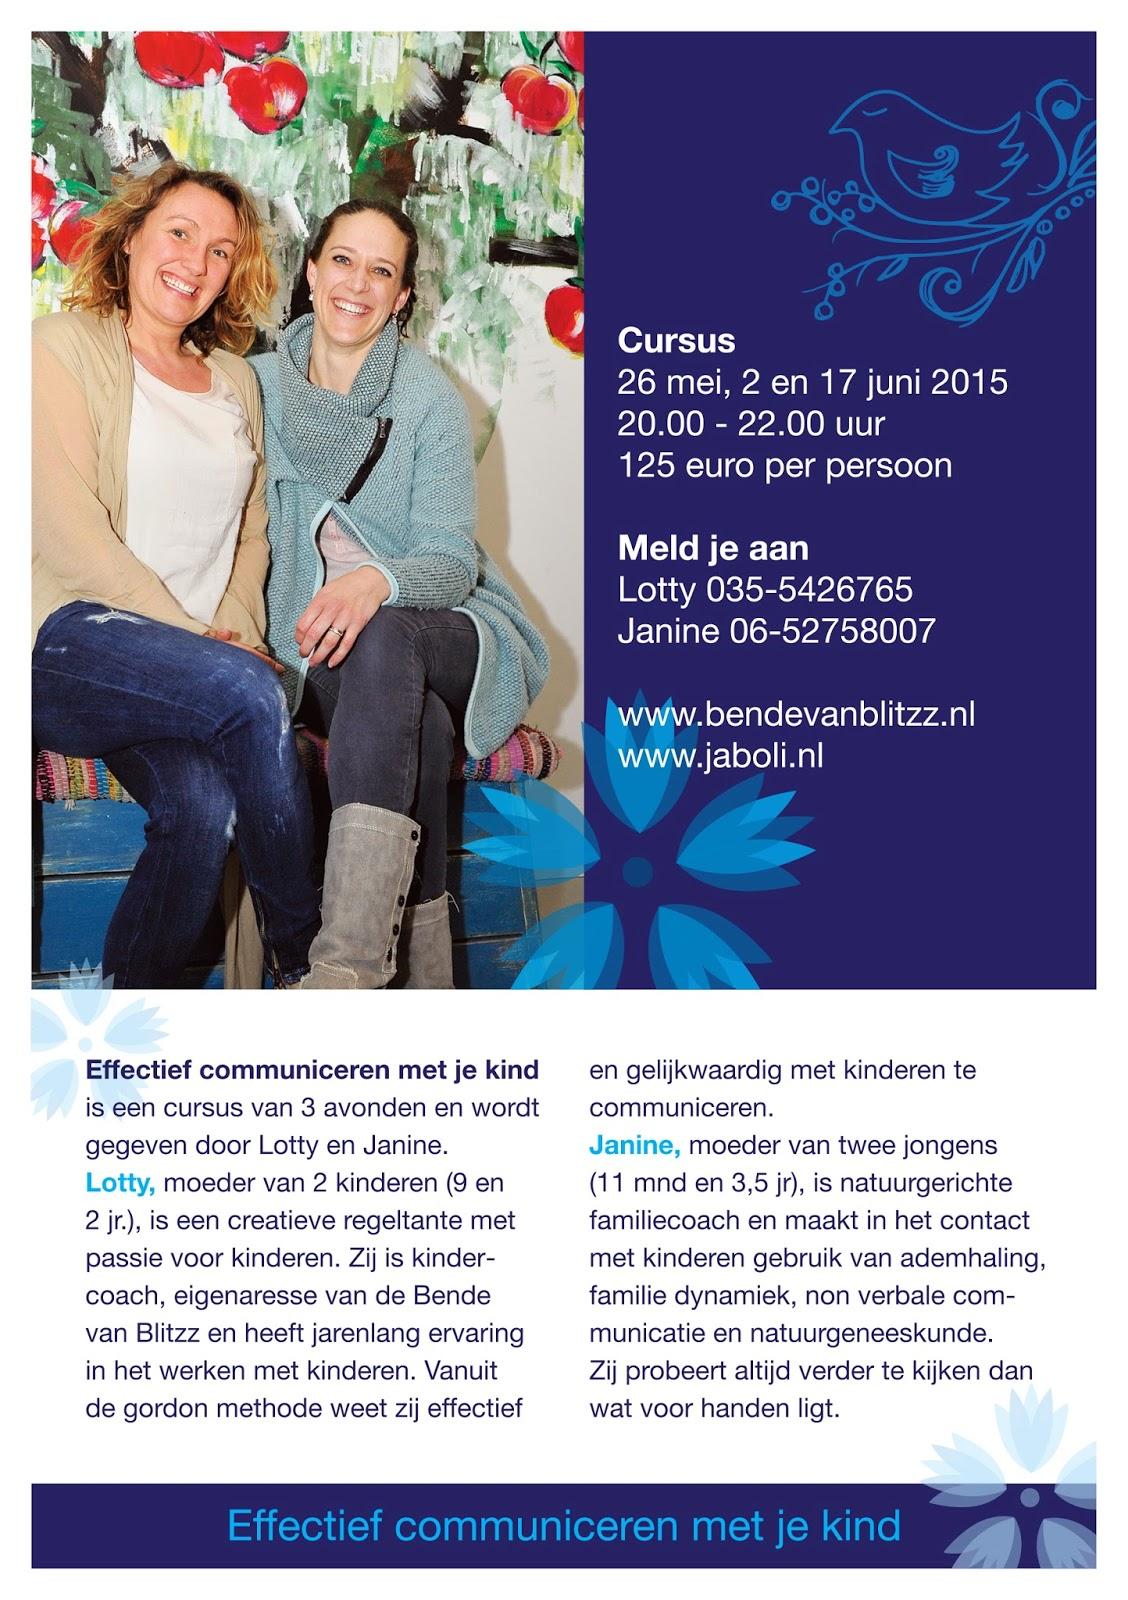 flyer Bende van Blitzz - effectief communiceren